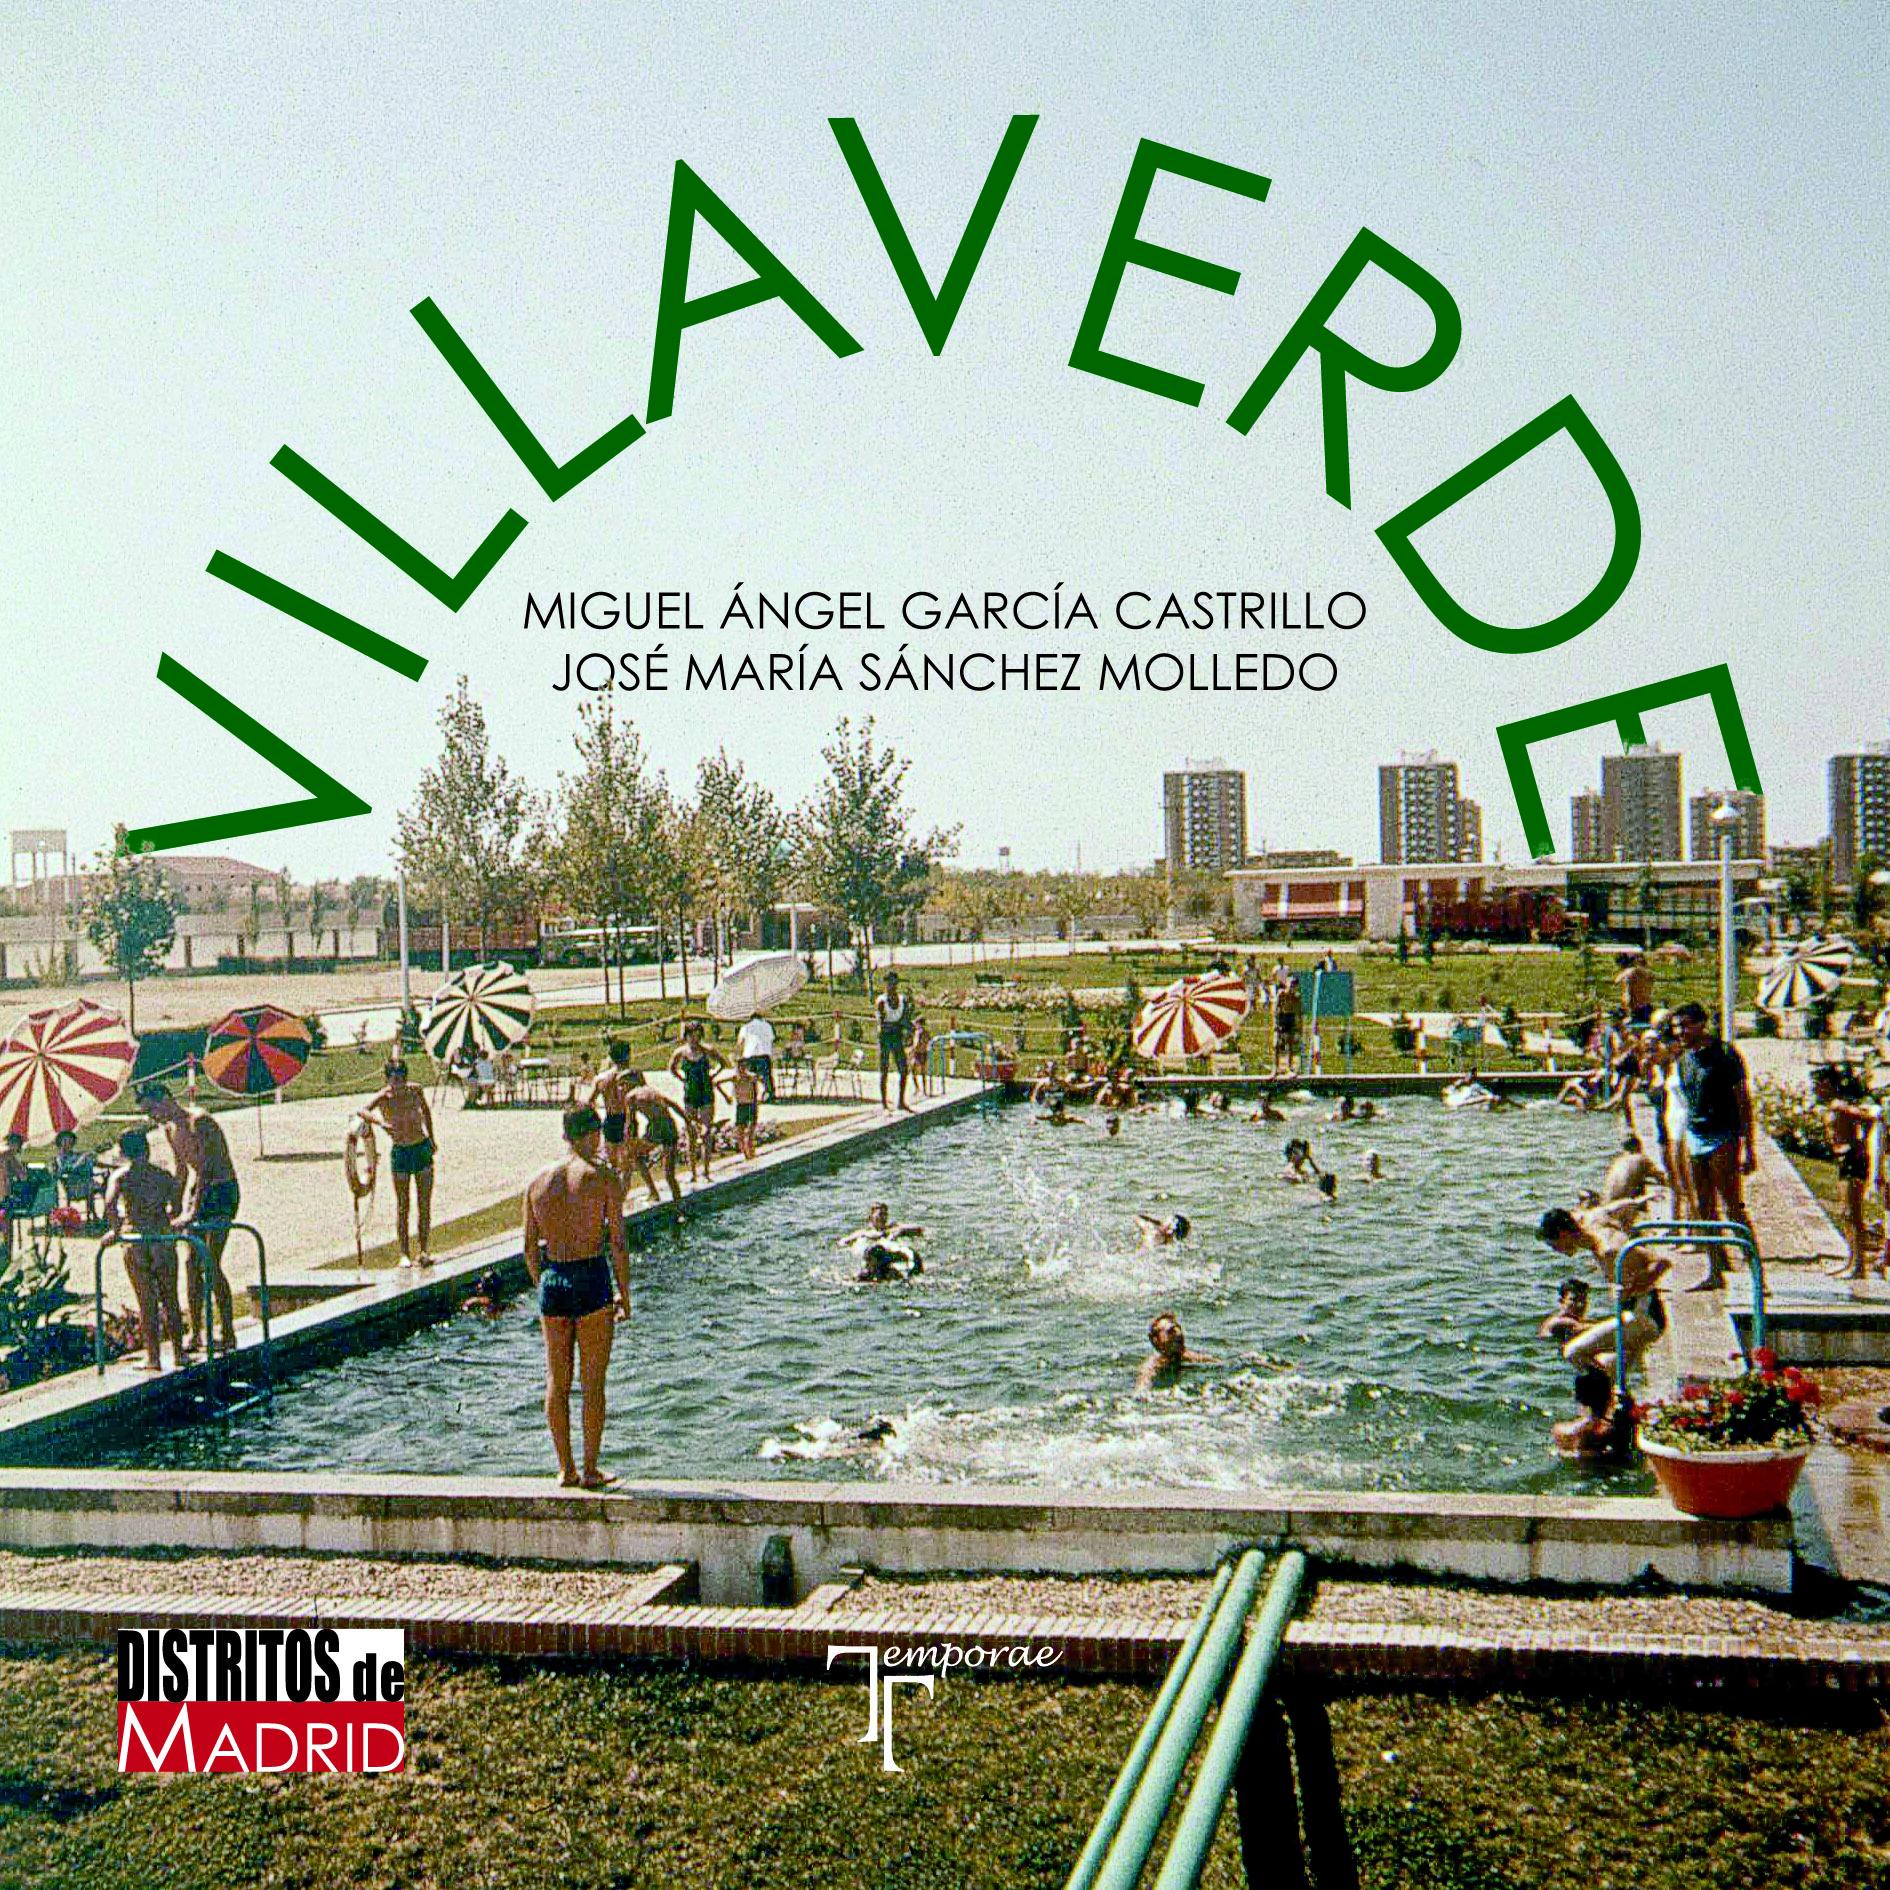 Villaverde, Temporae.